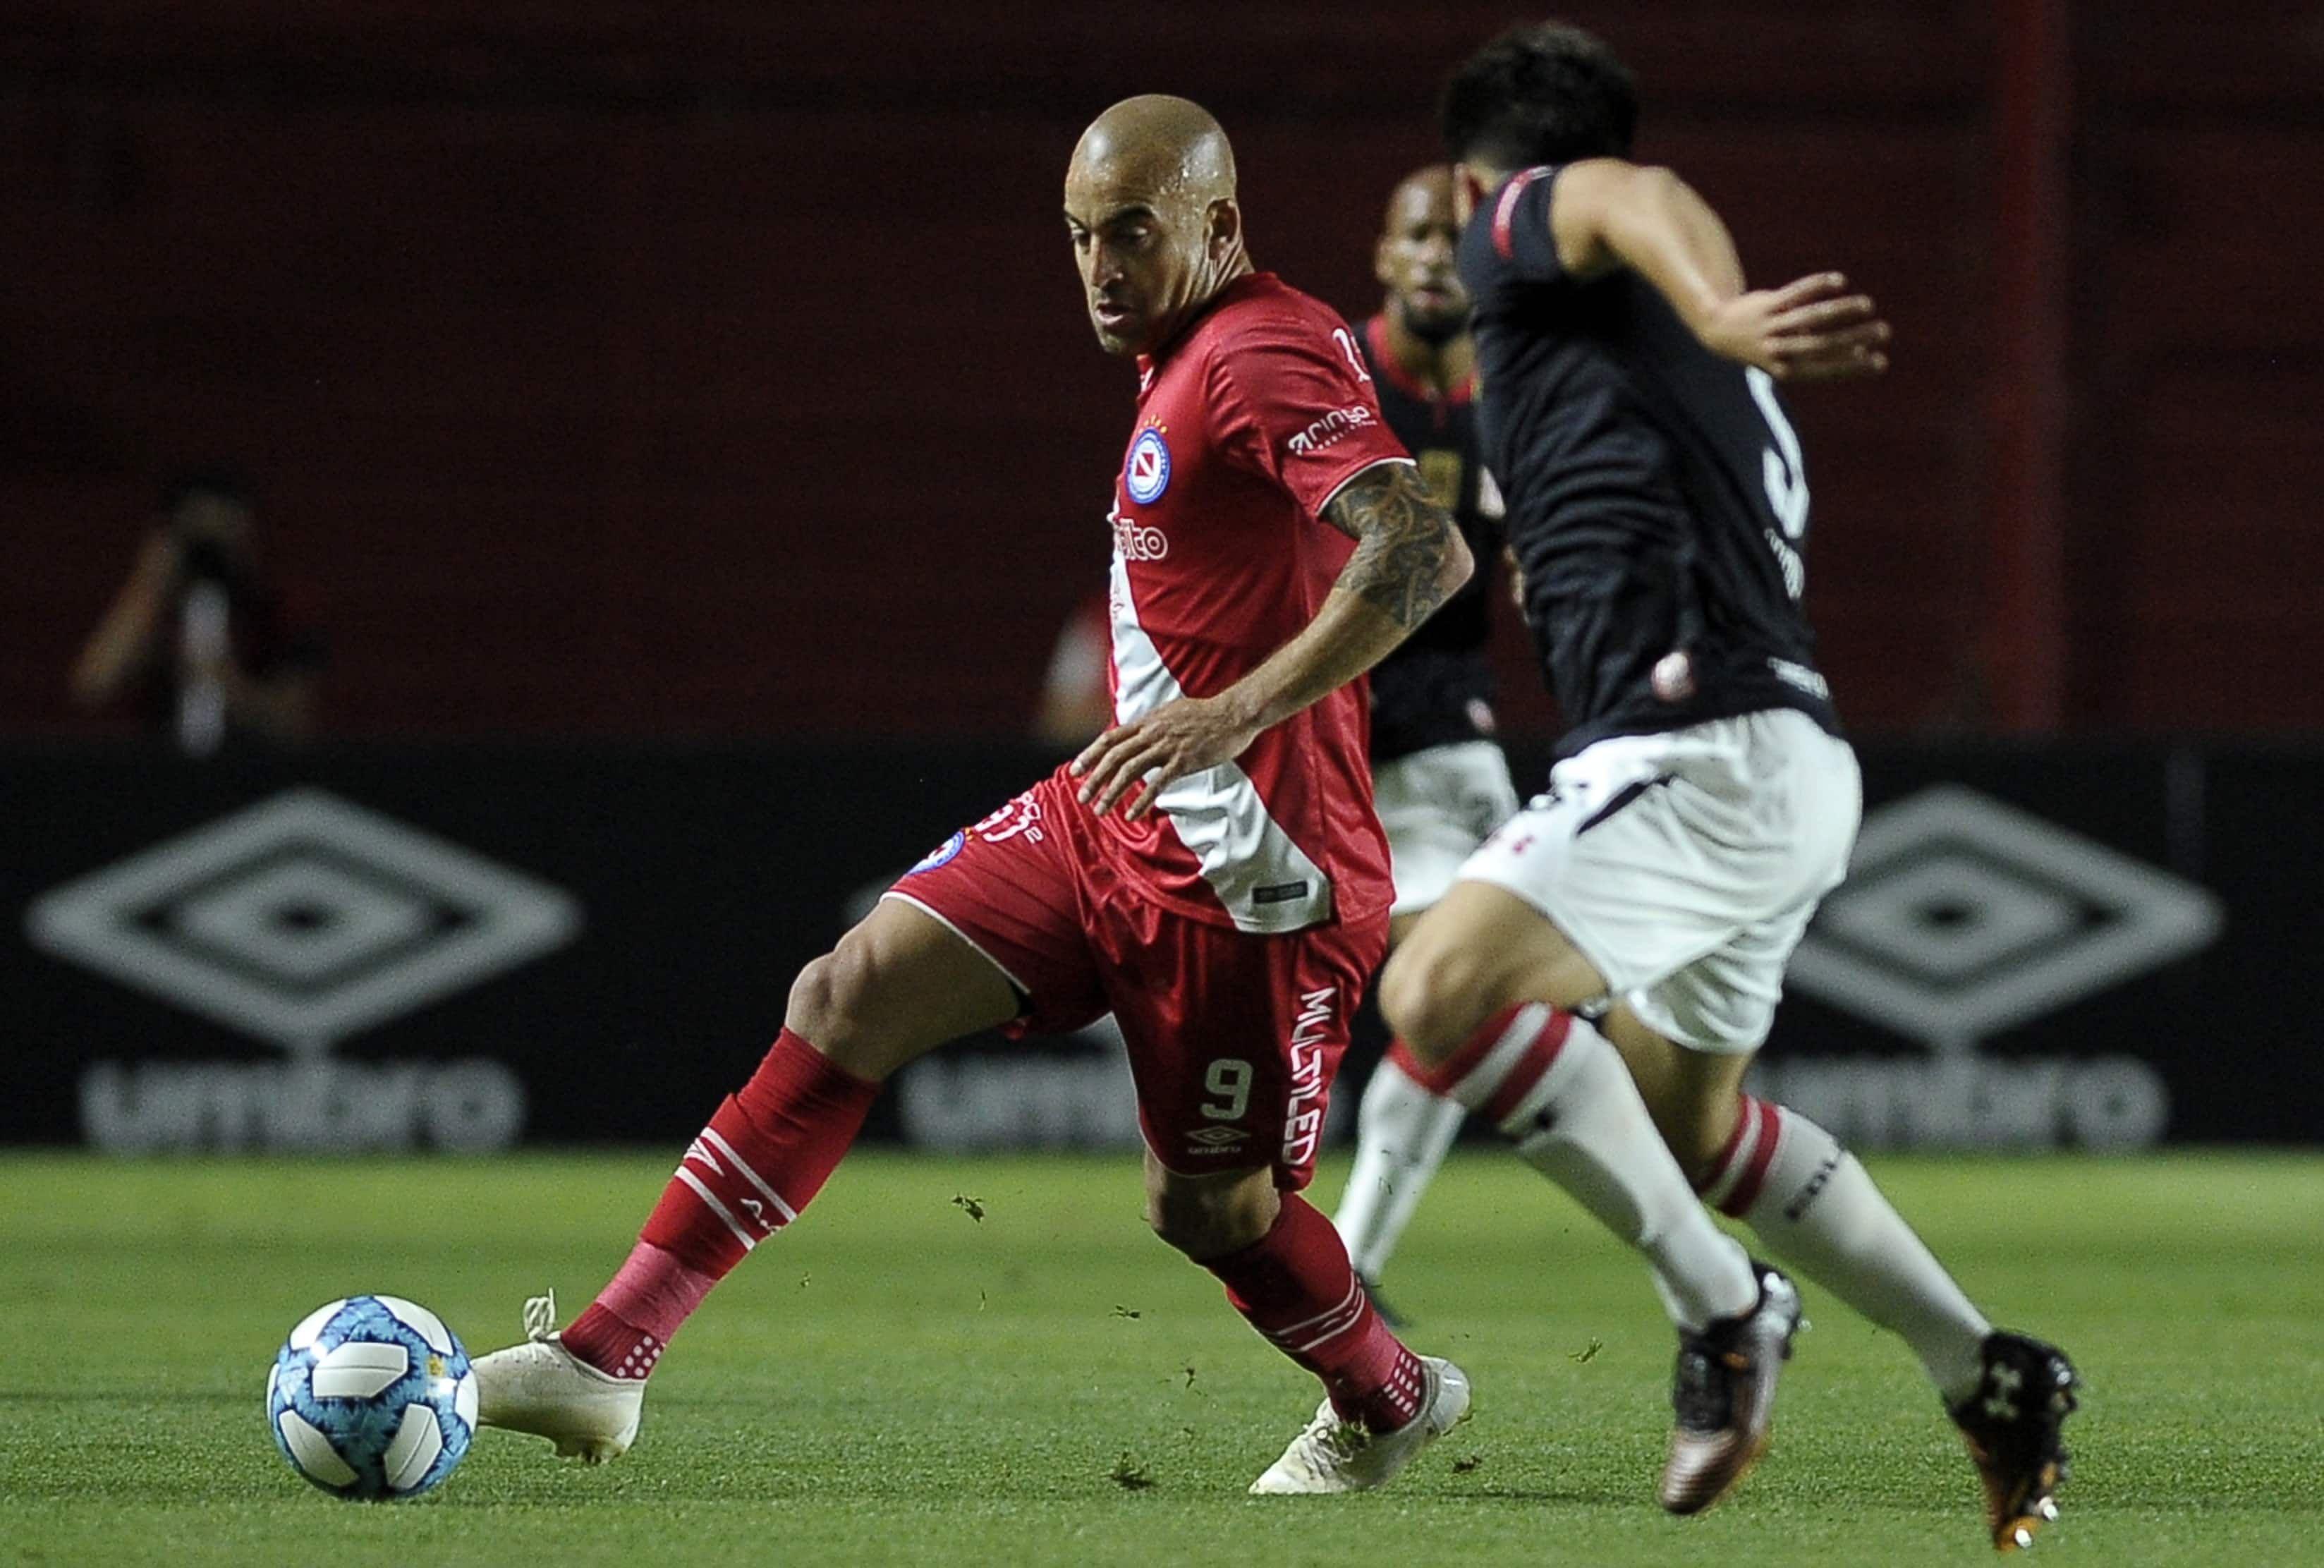 El Bicho empató, pero termina el año puntero Futbol